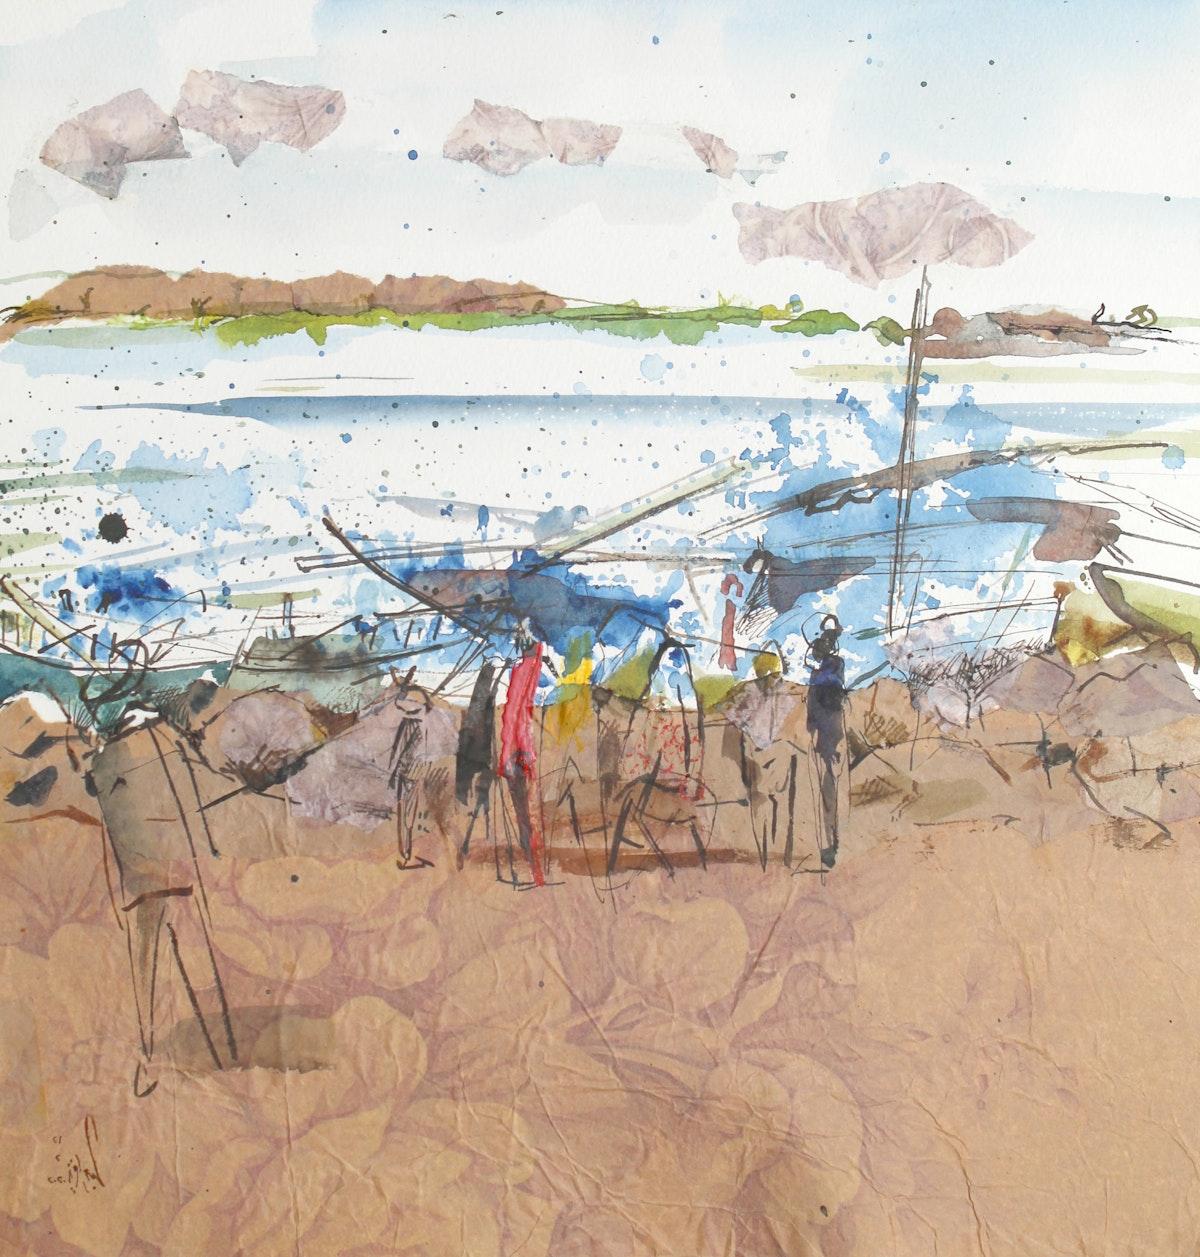 لوحة وسائط متعددة للفنان الدكتور عبدالعزيز الجندي - - الشرق